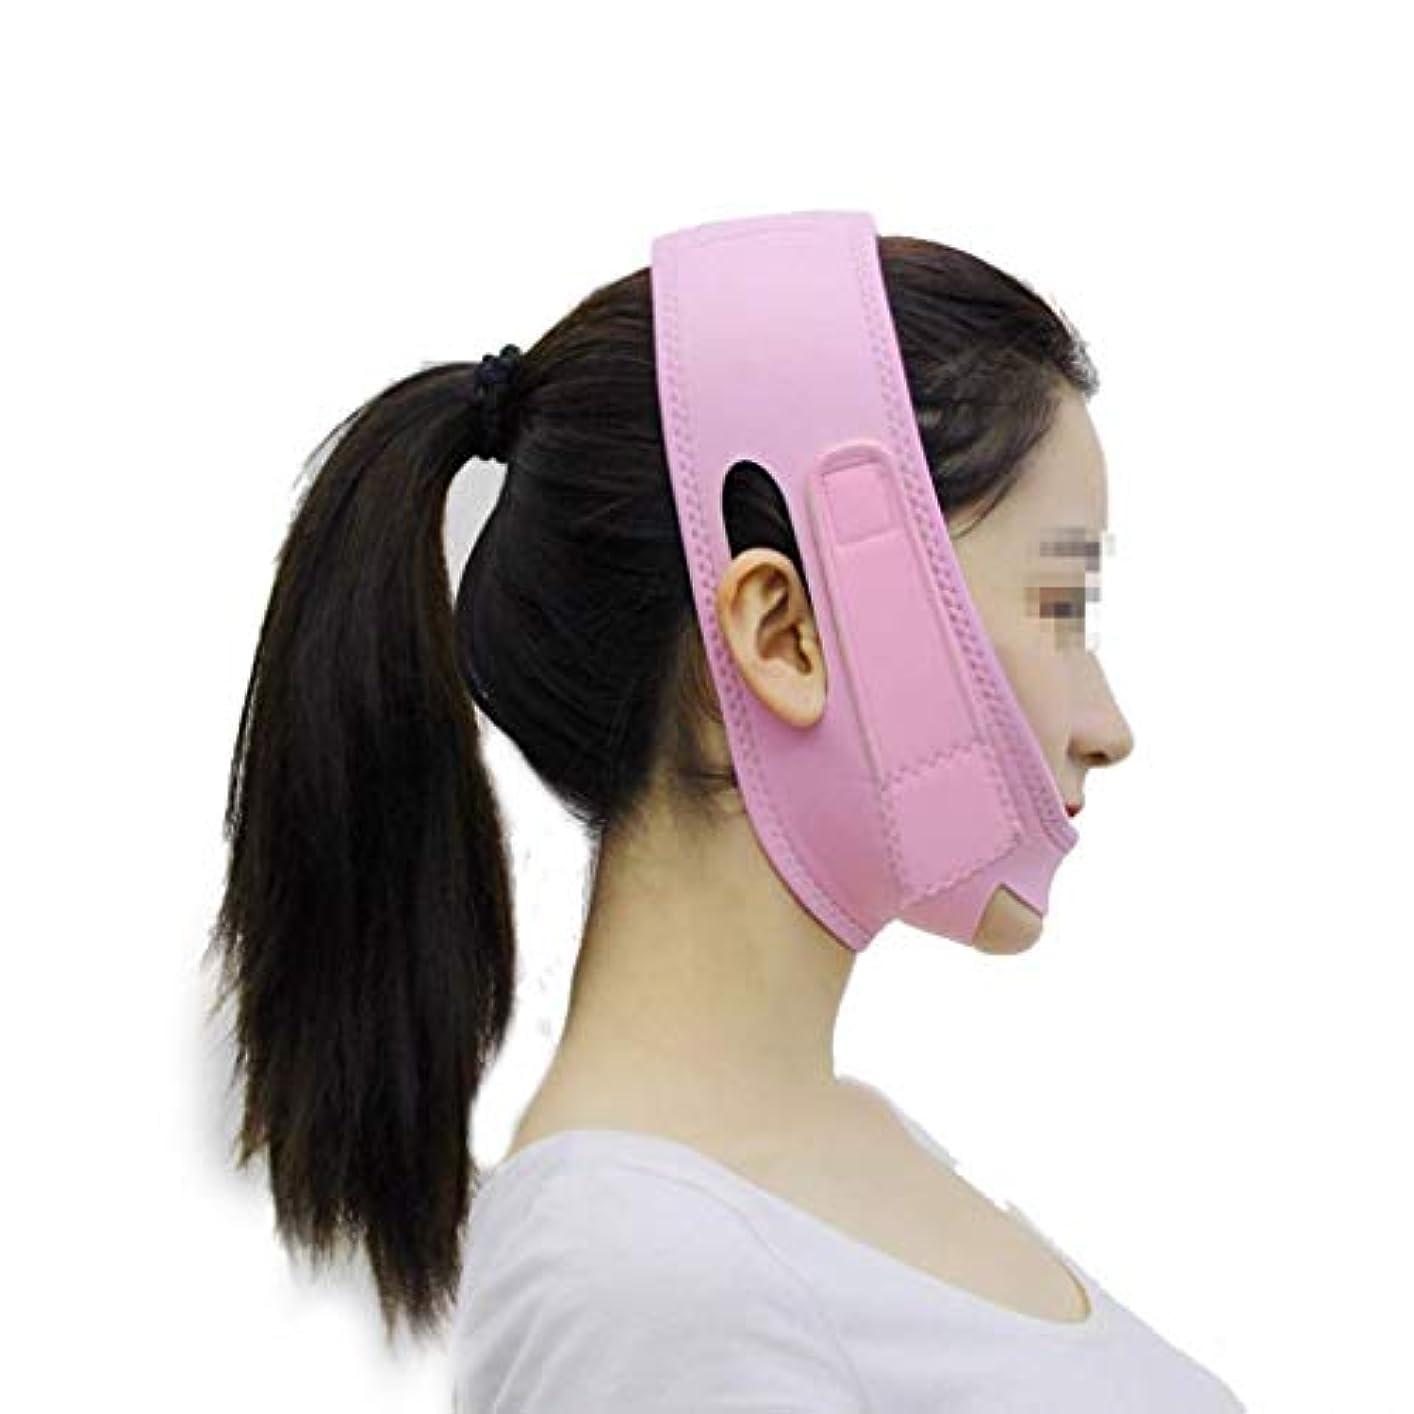 電報ブラザーもっとスリーピングフェイスマスク、ラインスカルプチャーシェイプリフティングファーミングツールVフェイスからダブルチンピンクの包帯